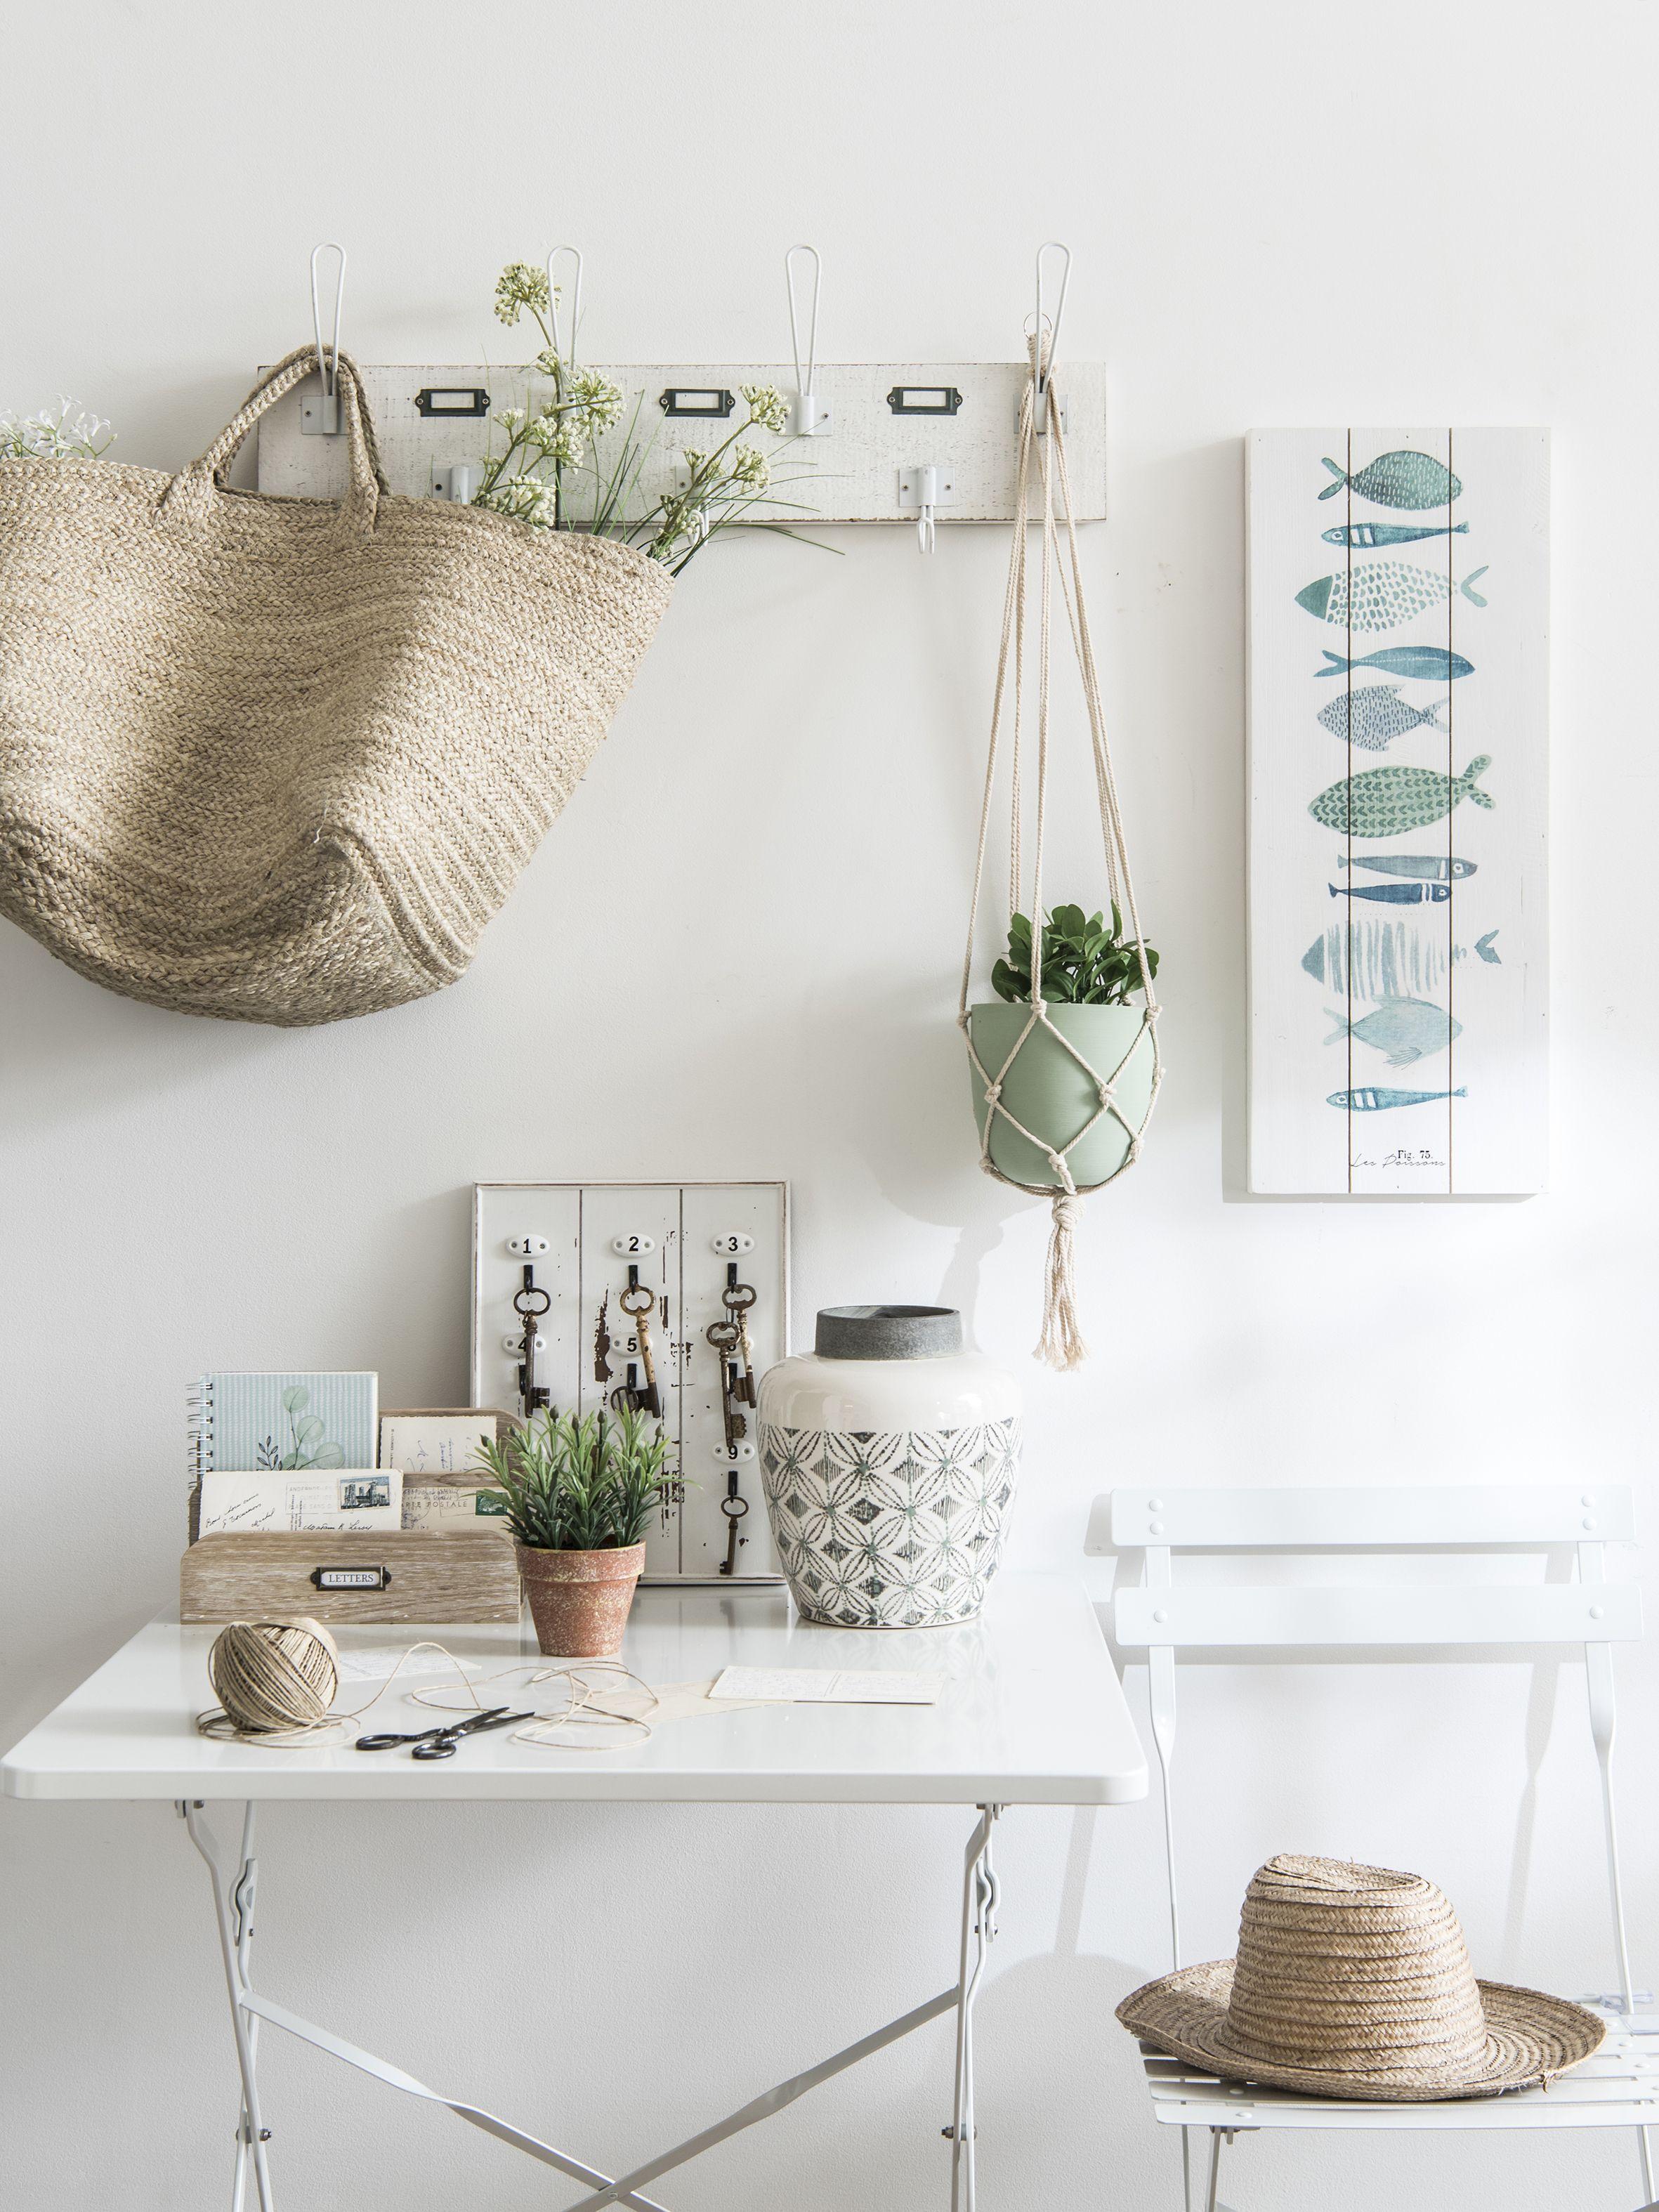 Pin By Clem Around The Corner On Deco Les Pieds Dans L Eau Folding Garden Chairs Trending Decor Office Desk Decor